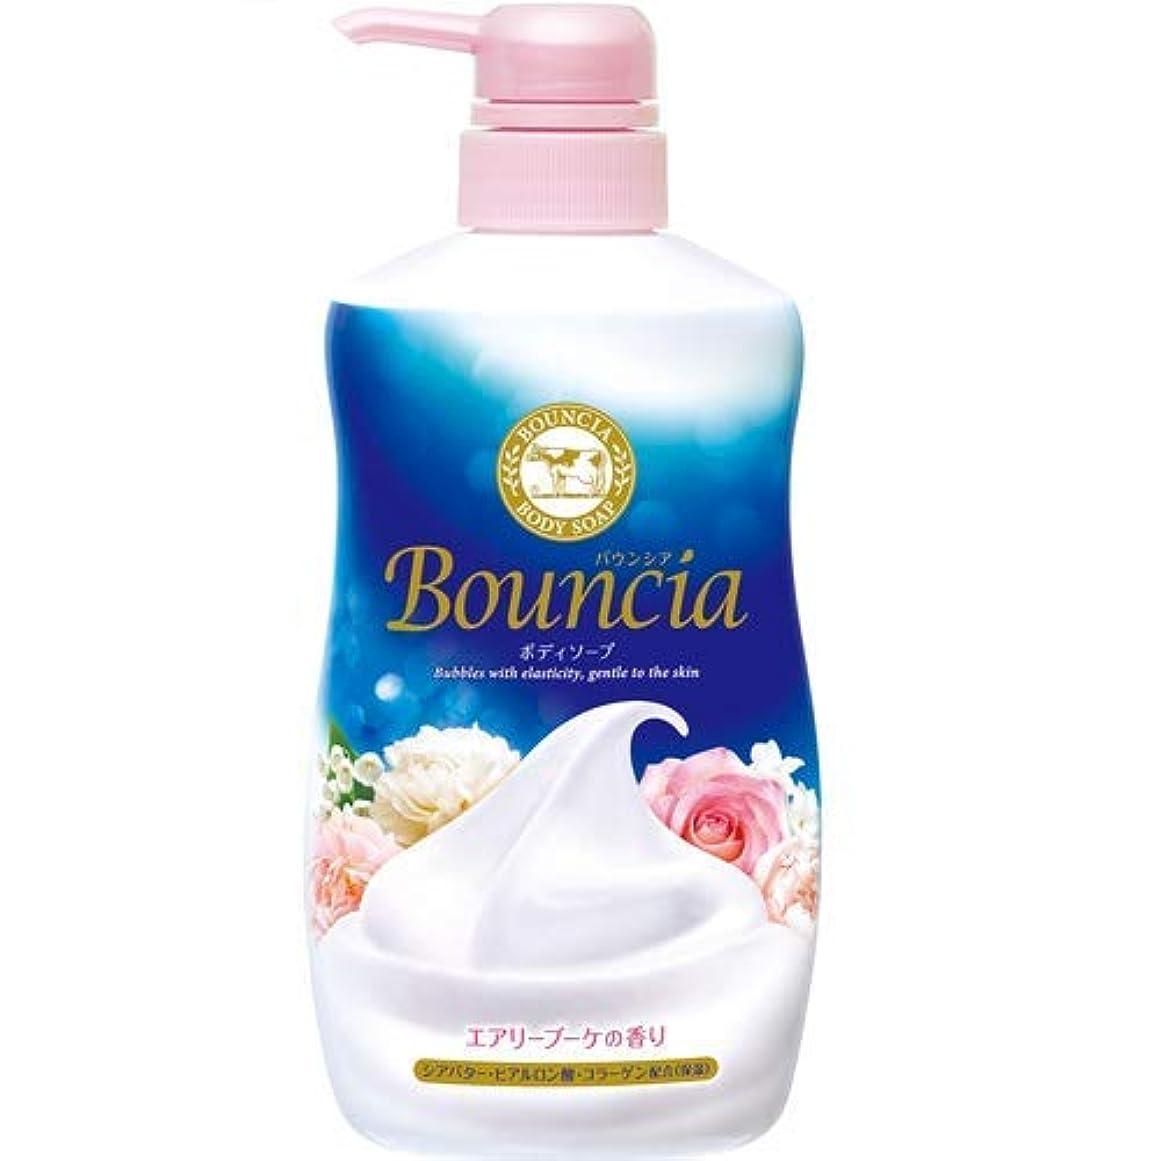 小麦粉概要追記バウンシア ボディソープ エアリーブーケの香り ポンプ付 500mL